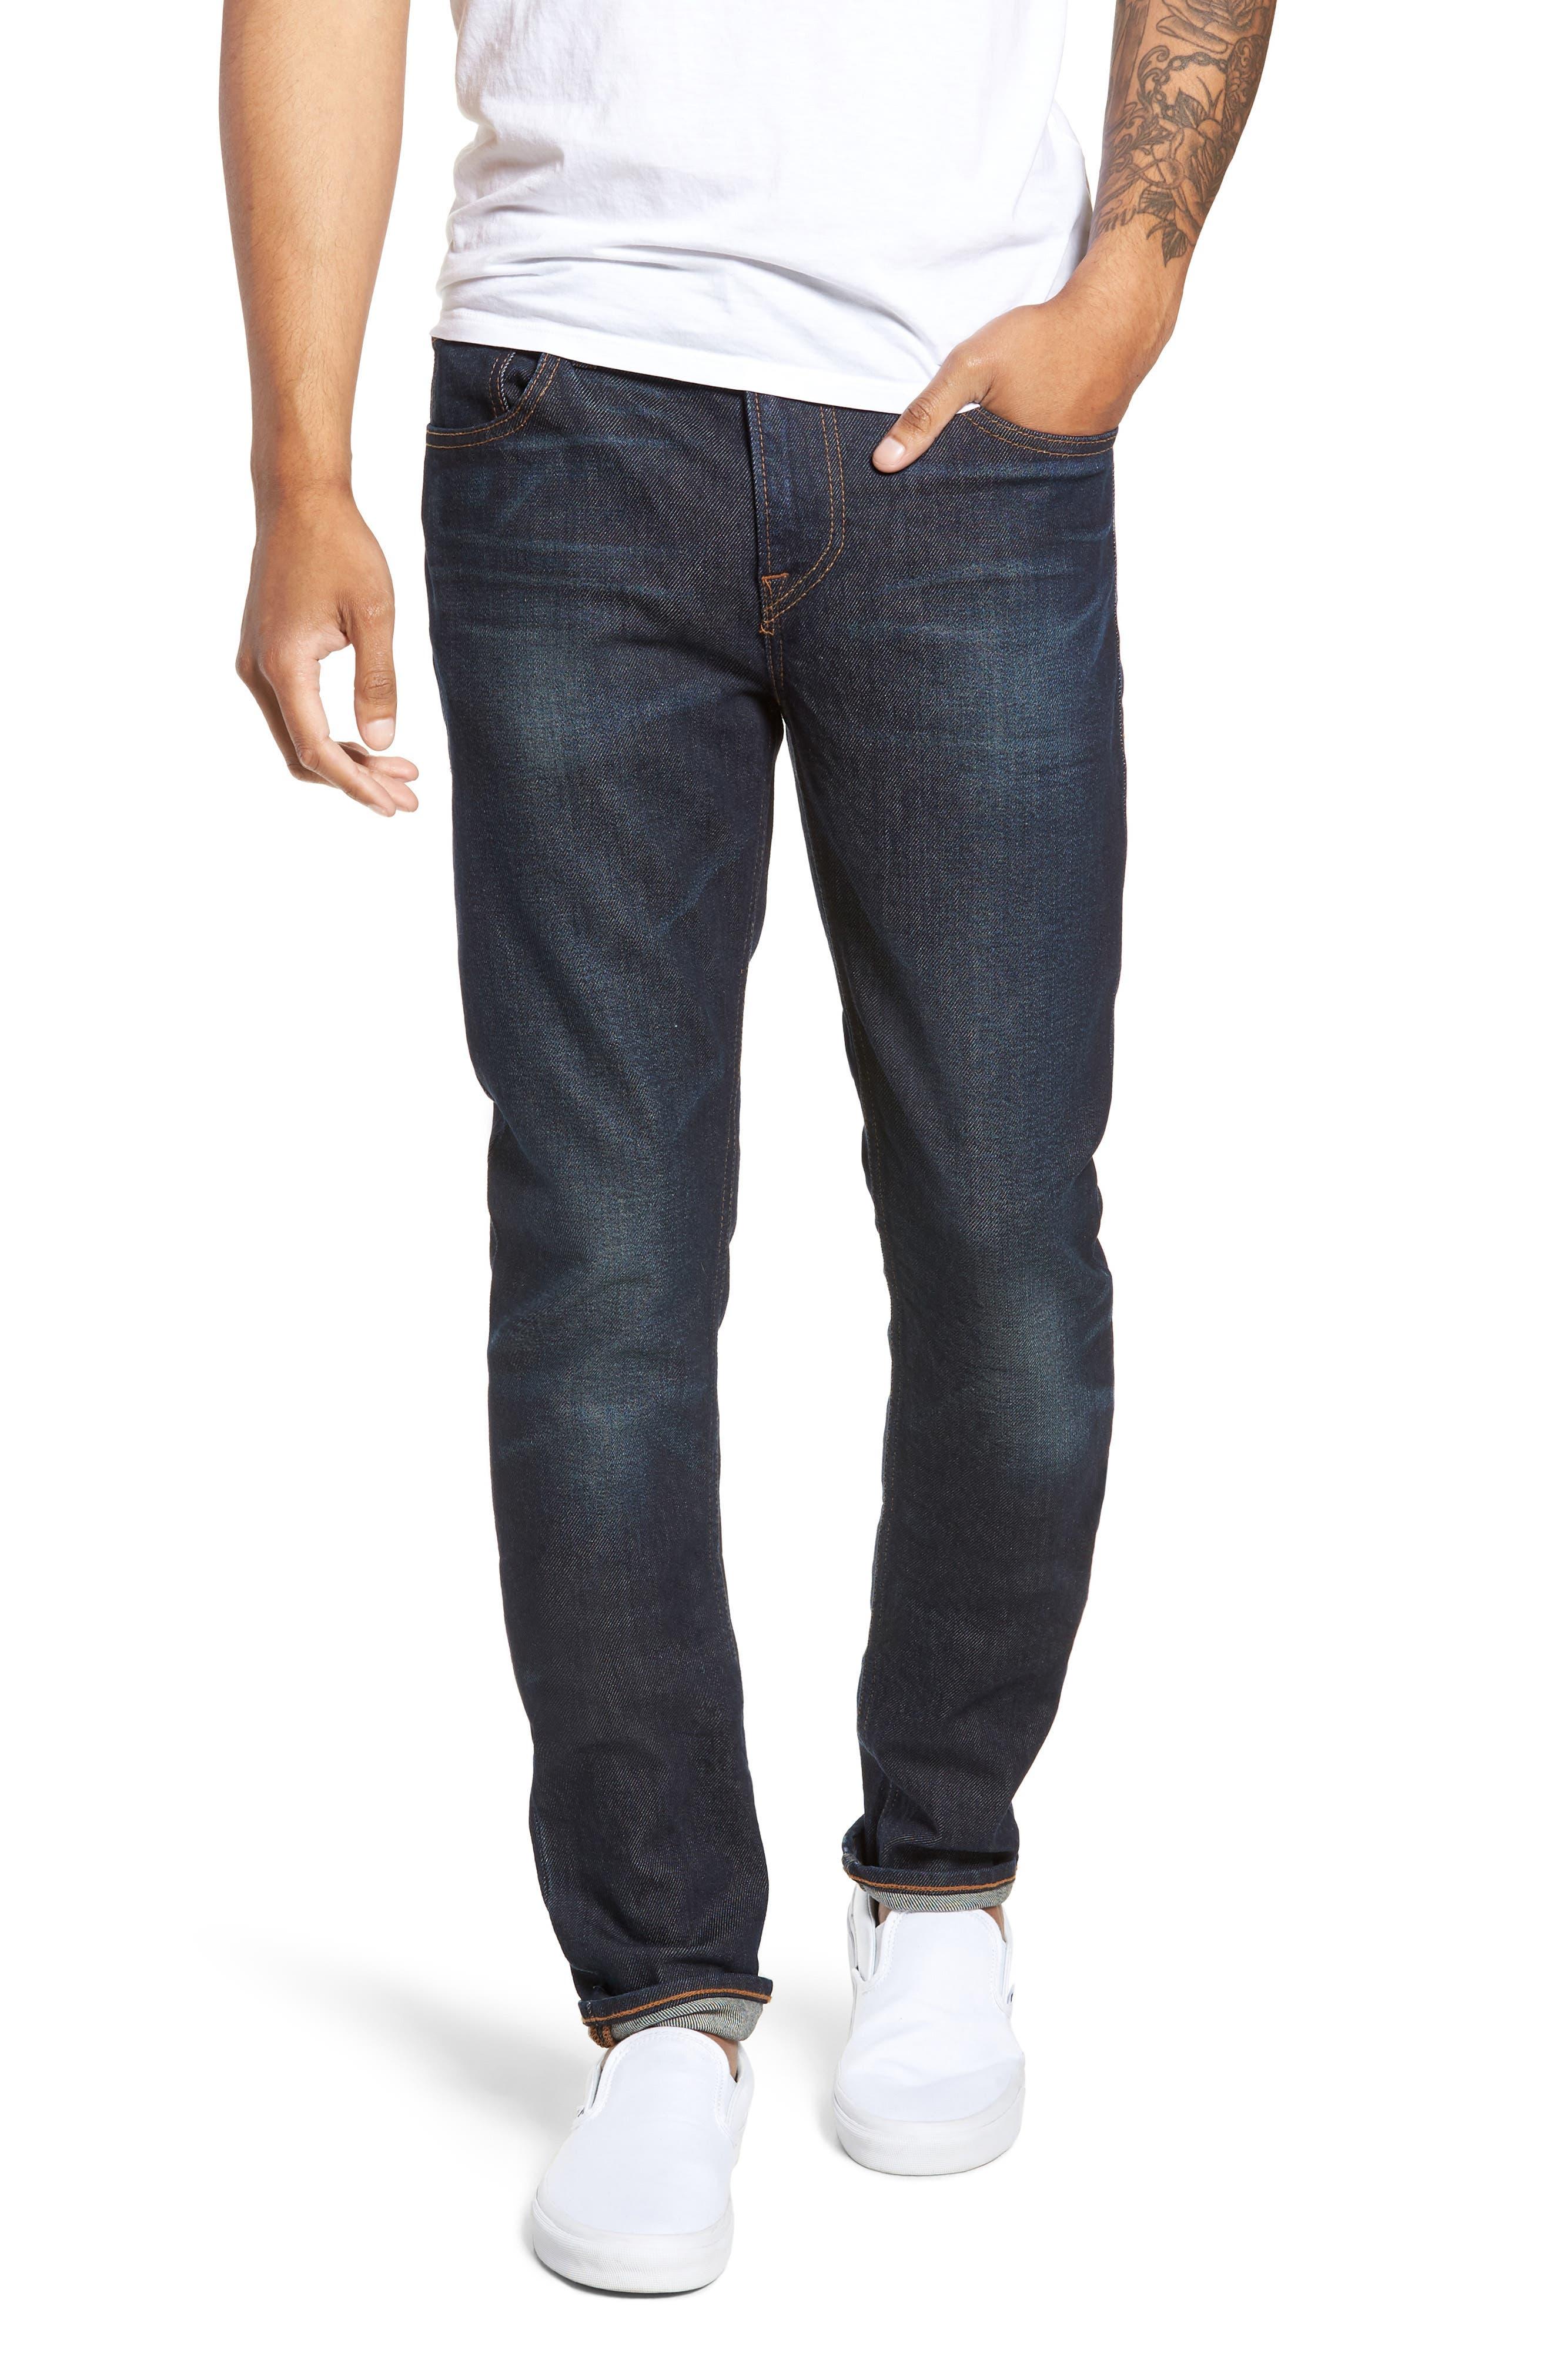 HUDSON JEANS, Axl Skinny Fit Jeans, Main thumbnail 1, color, VERKLER